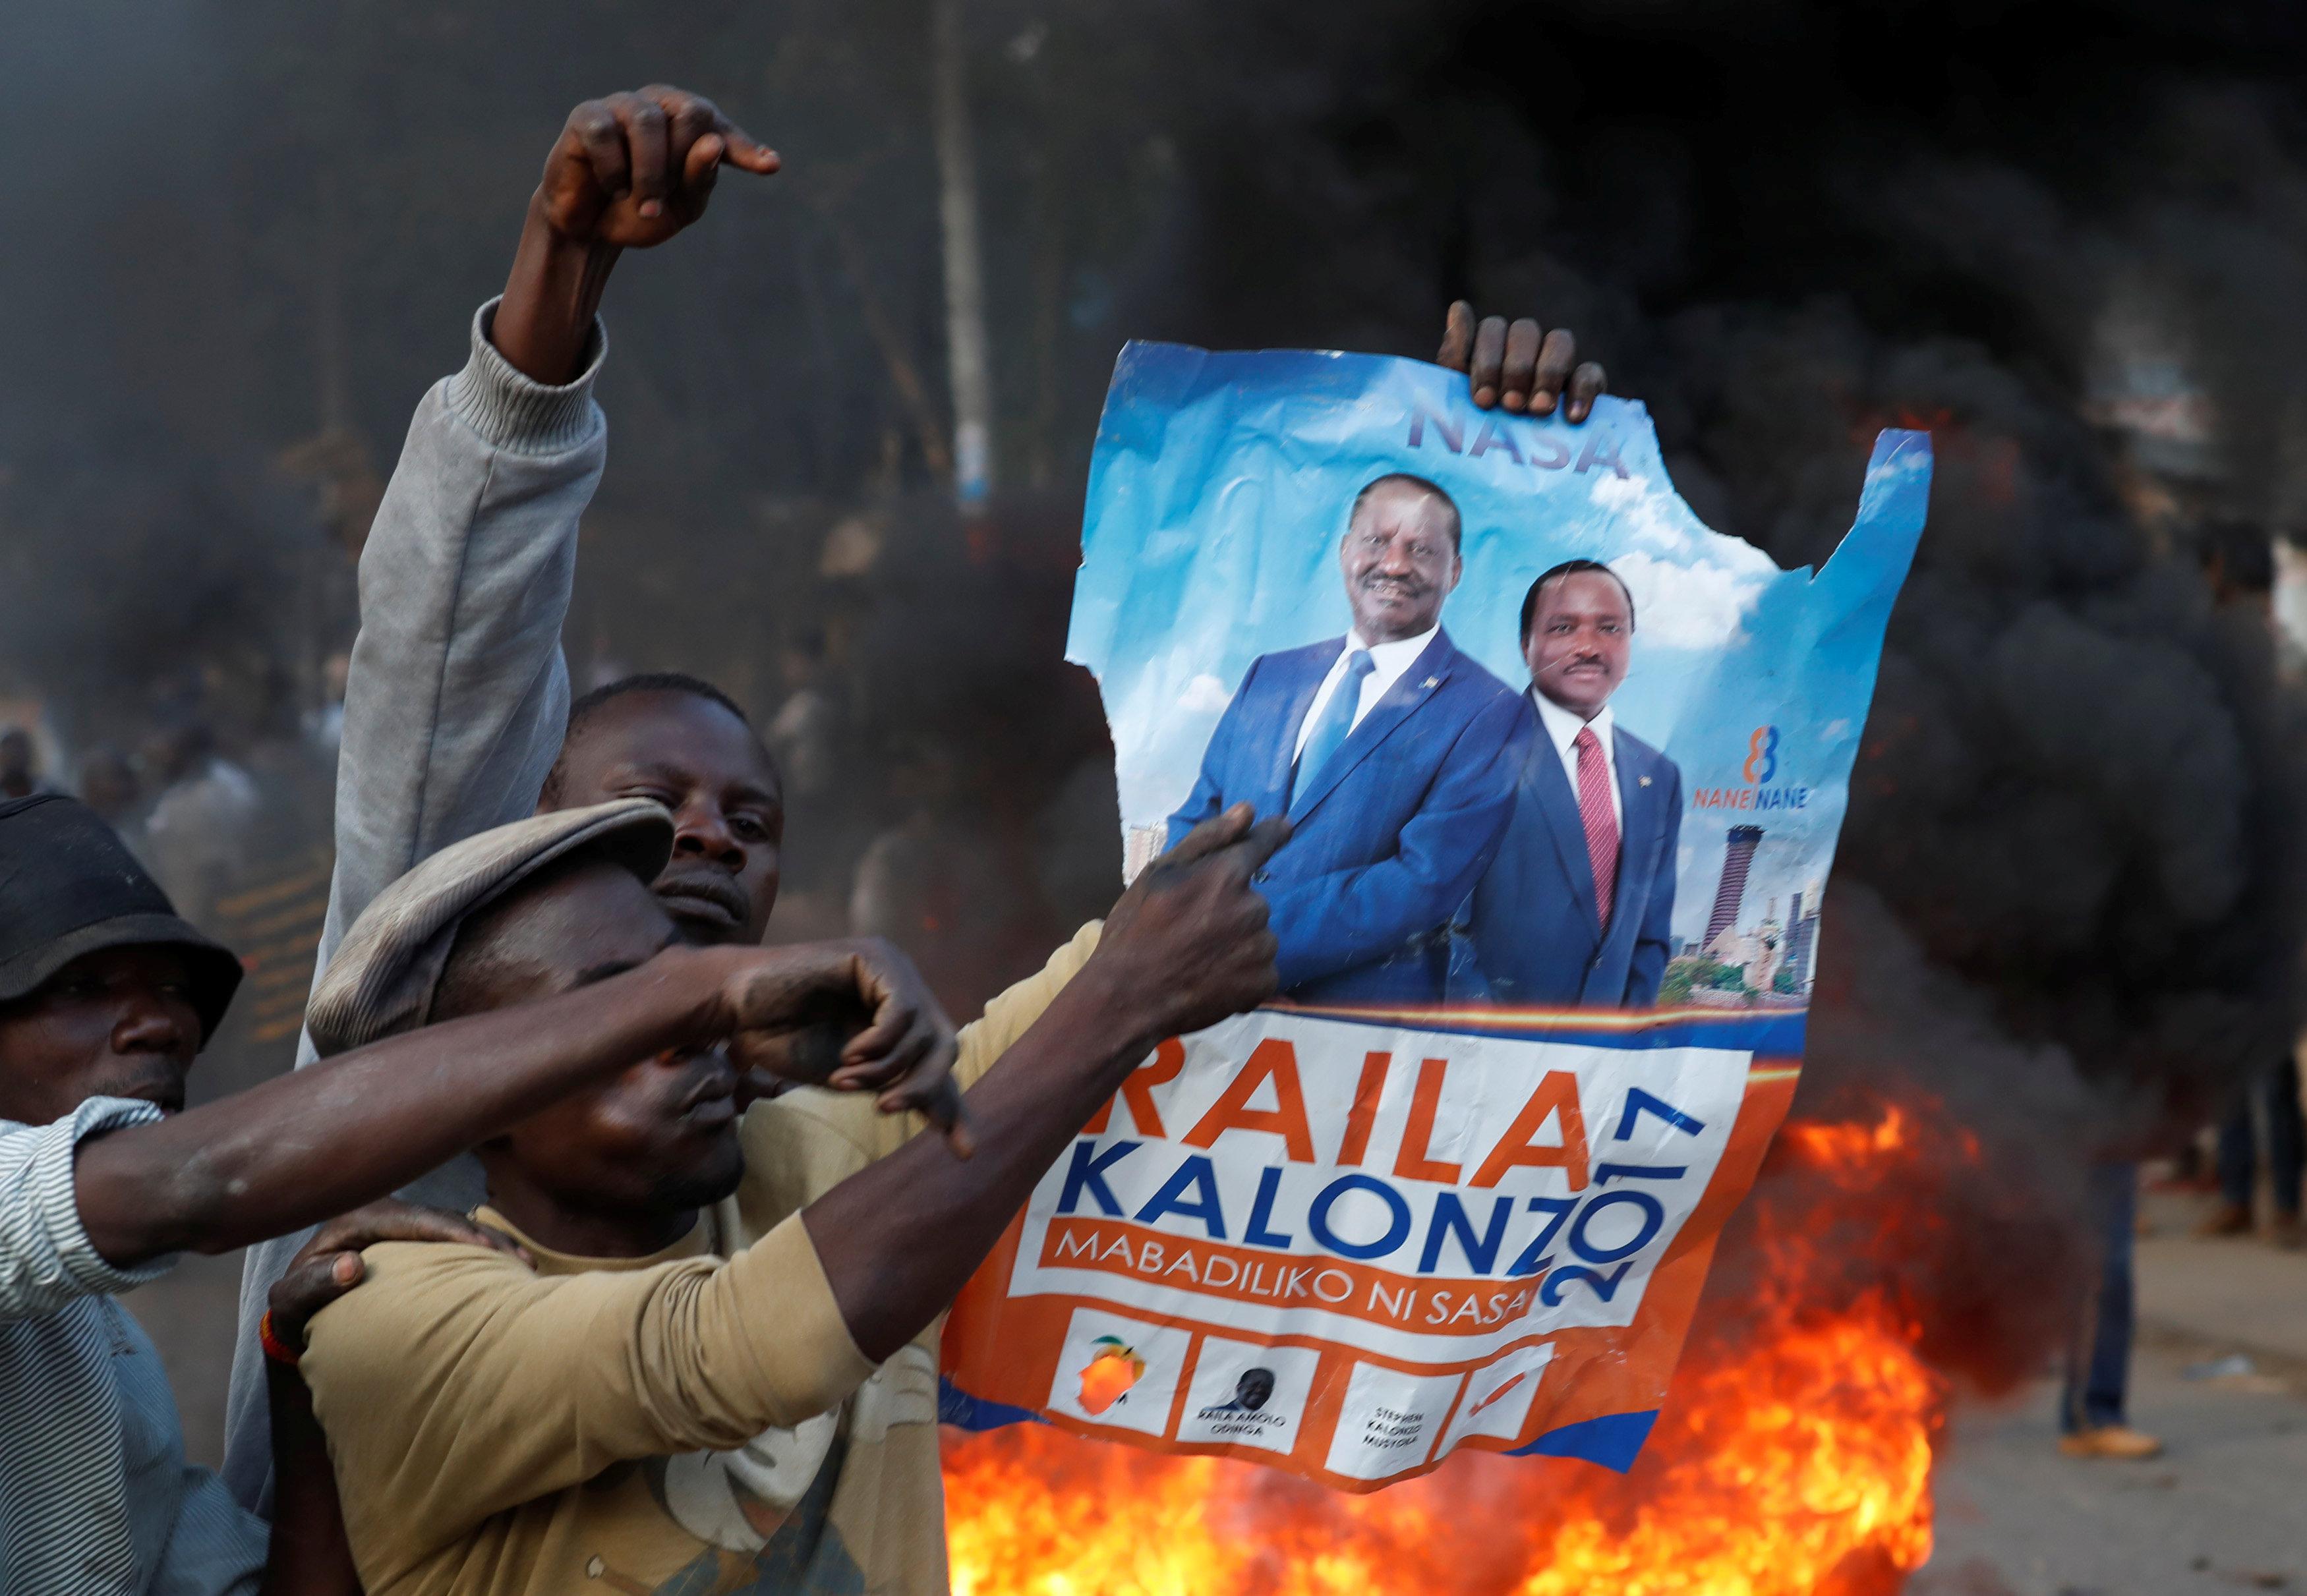 أعمال عنف فى كينيا